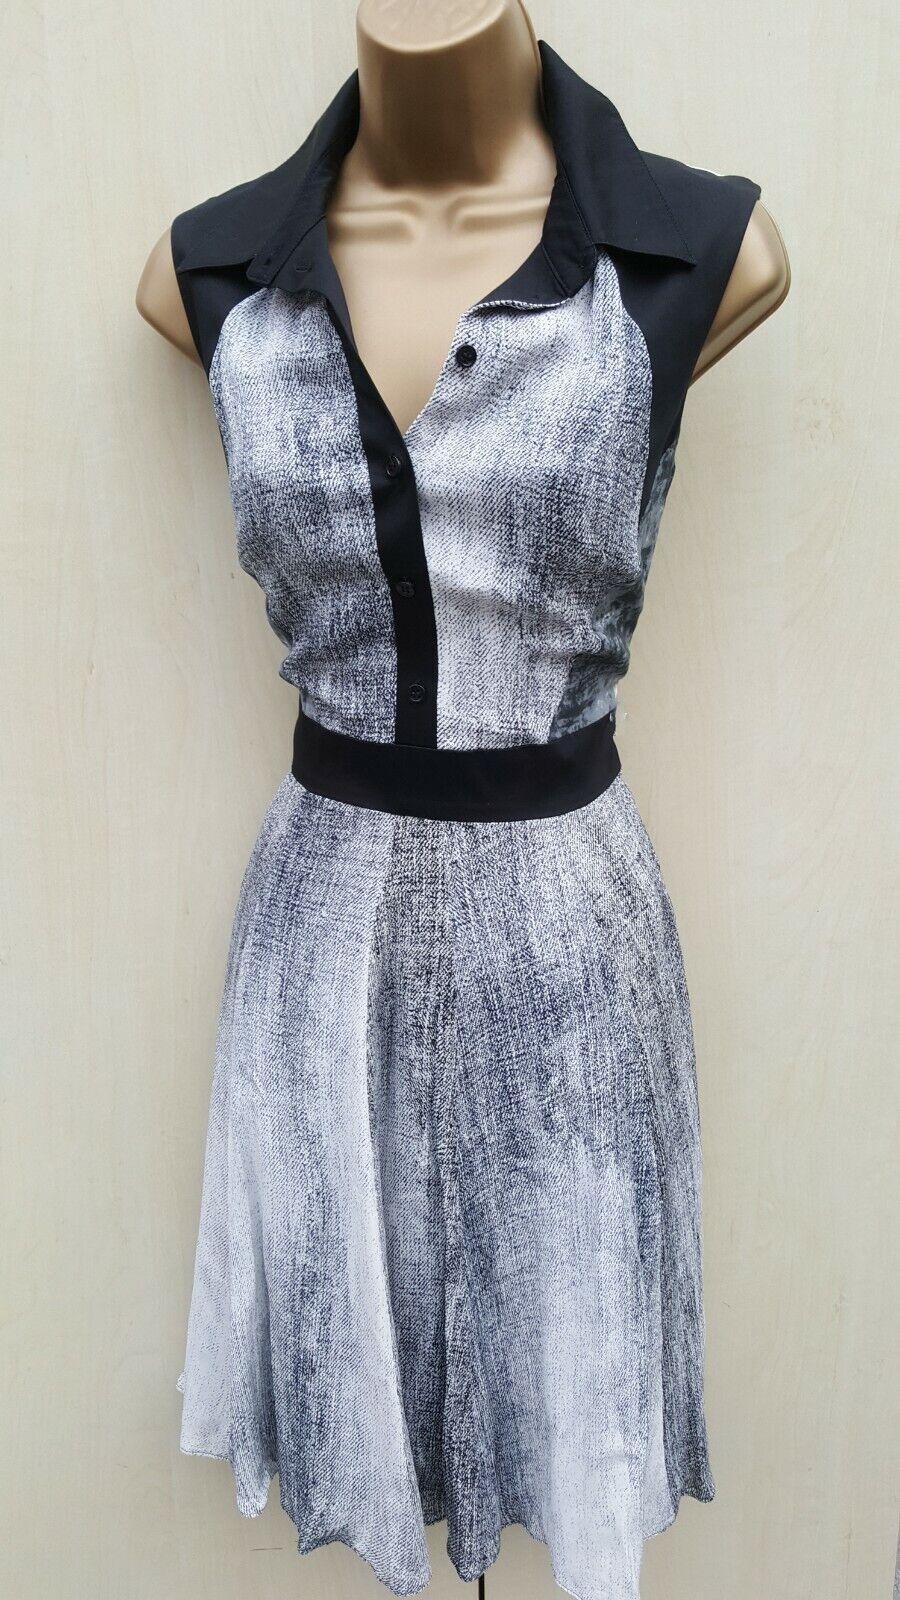 Größe 12 UK Karen Millen schwarz Weiß Denim Print 50's Shirt Style Fit Flare Dress